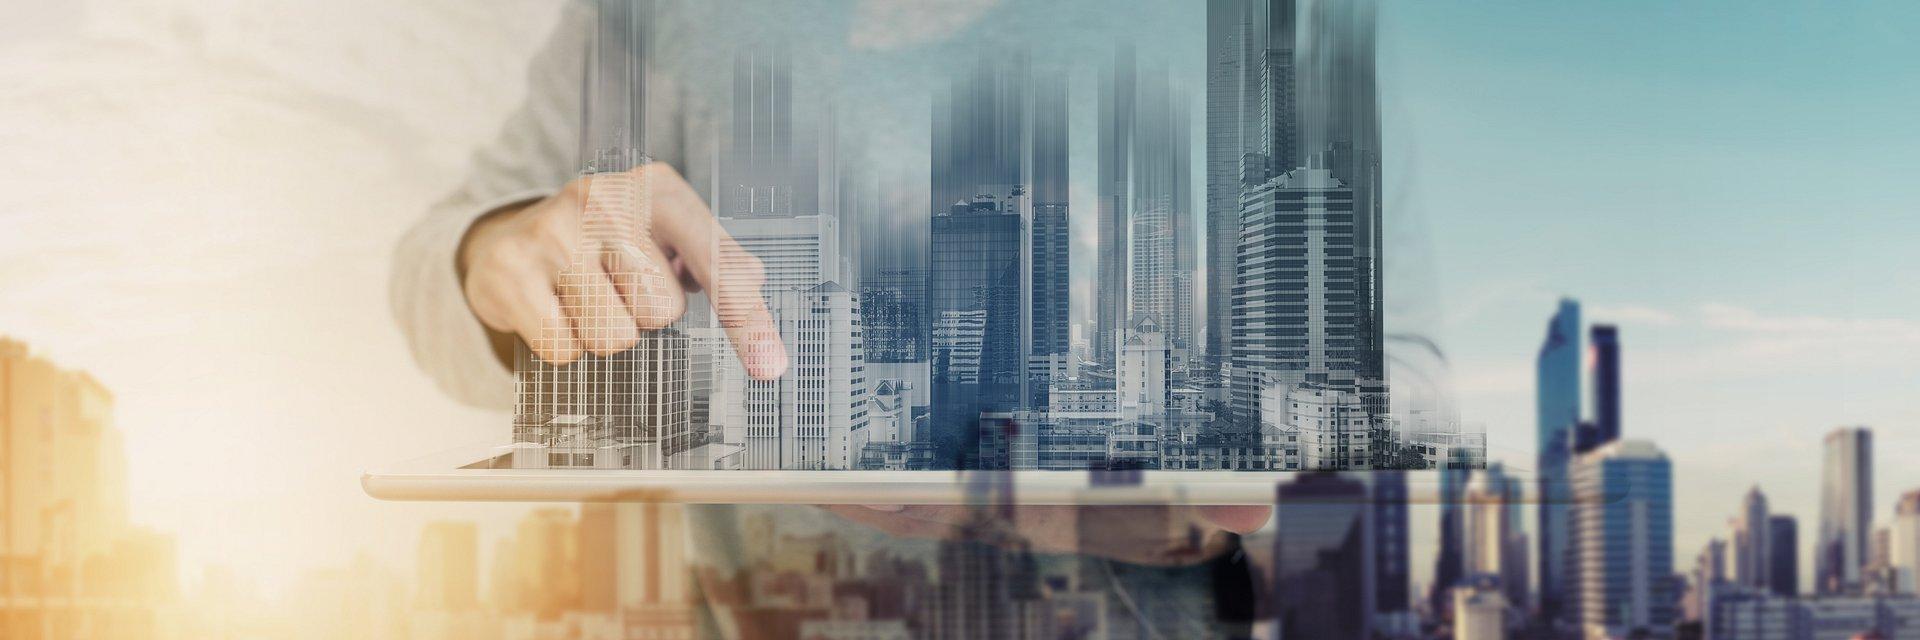 Rekordowa kwota €281 mld zainwestowana na rynku nieruchomości komercyjnych i najem powierzchni biurowych sięgający poziomu 9.6 mln m kw. na najważniejszych rynkach europejskich w 2019 roku